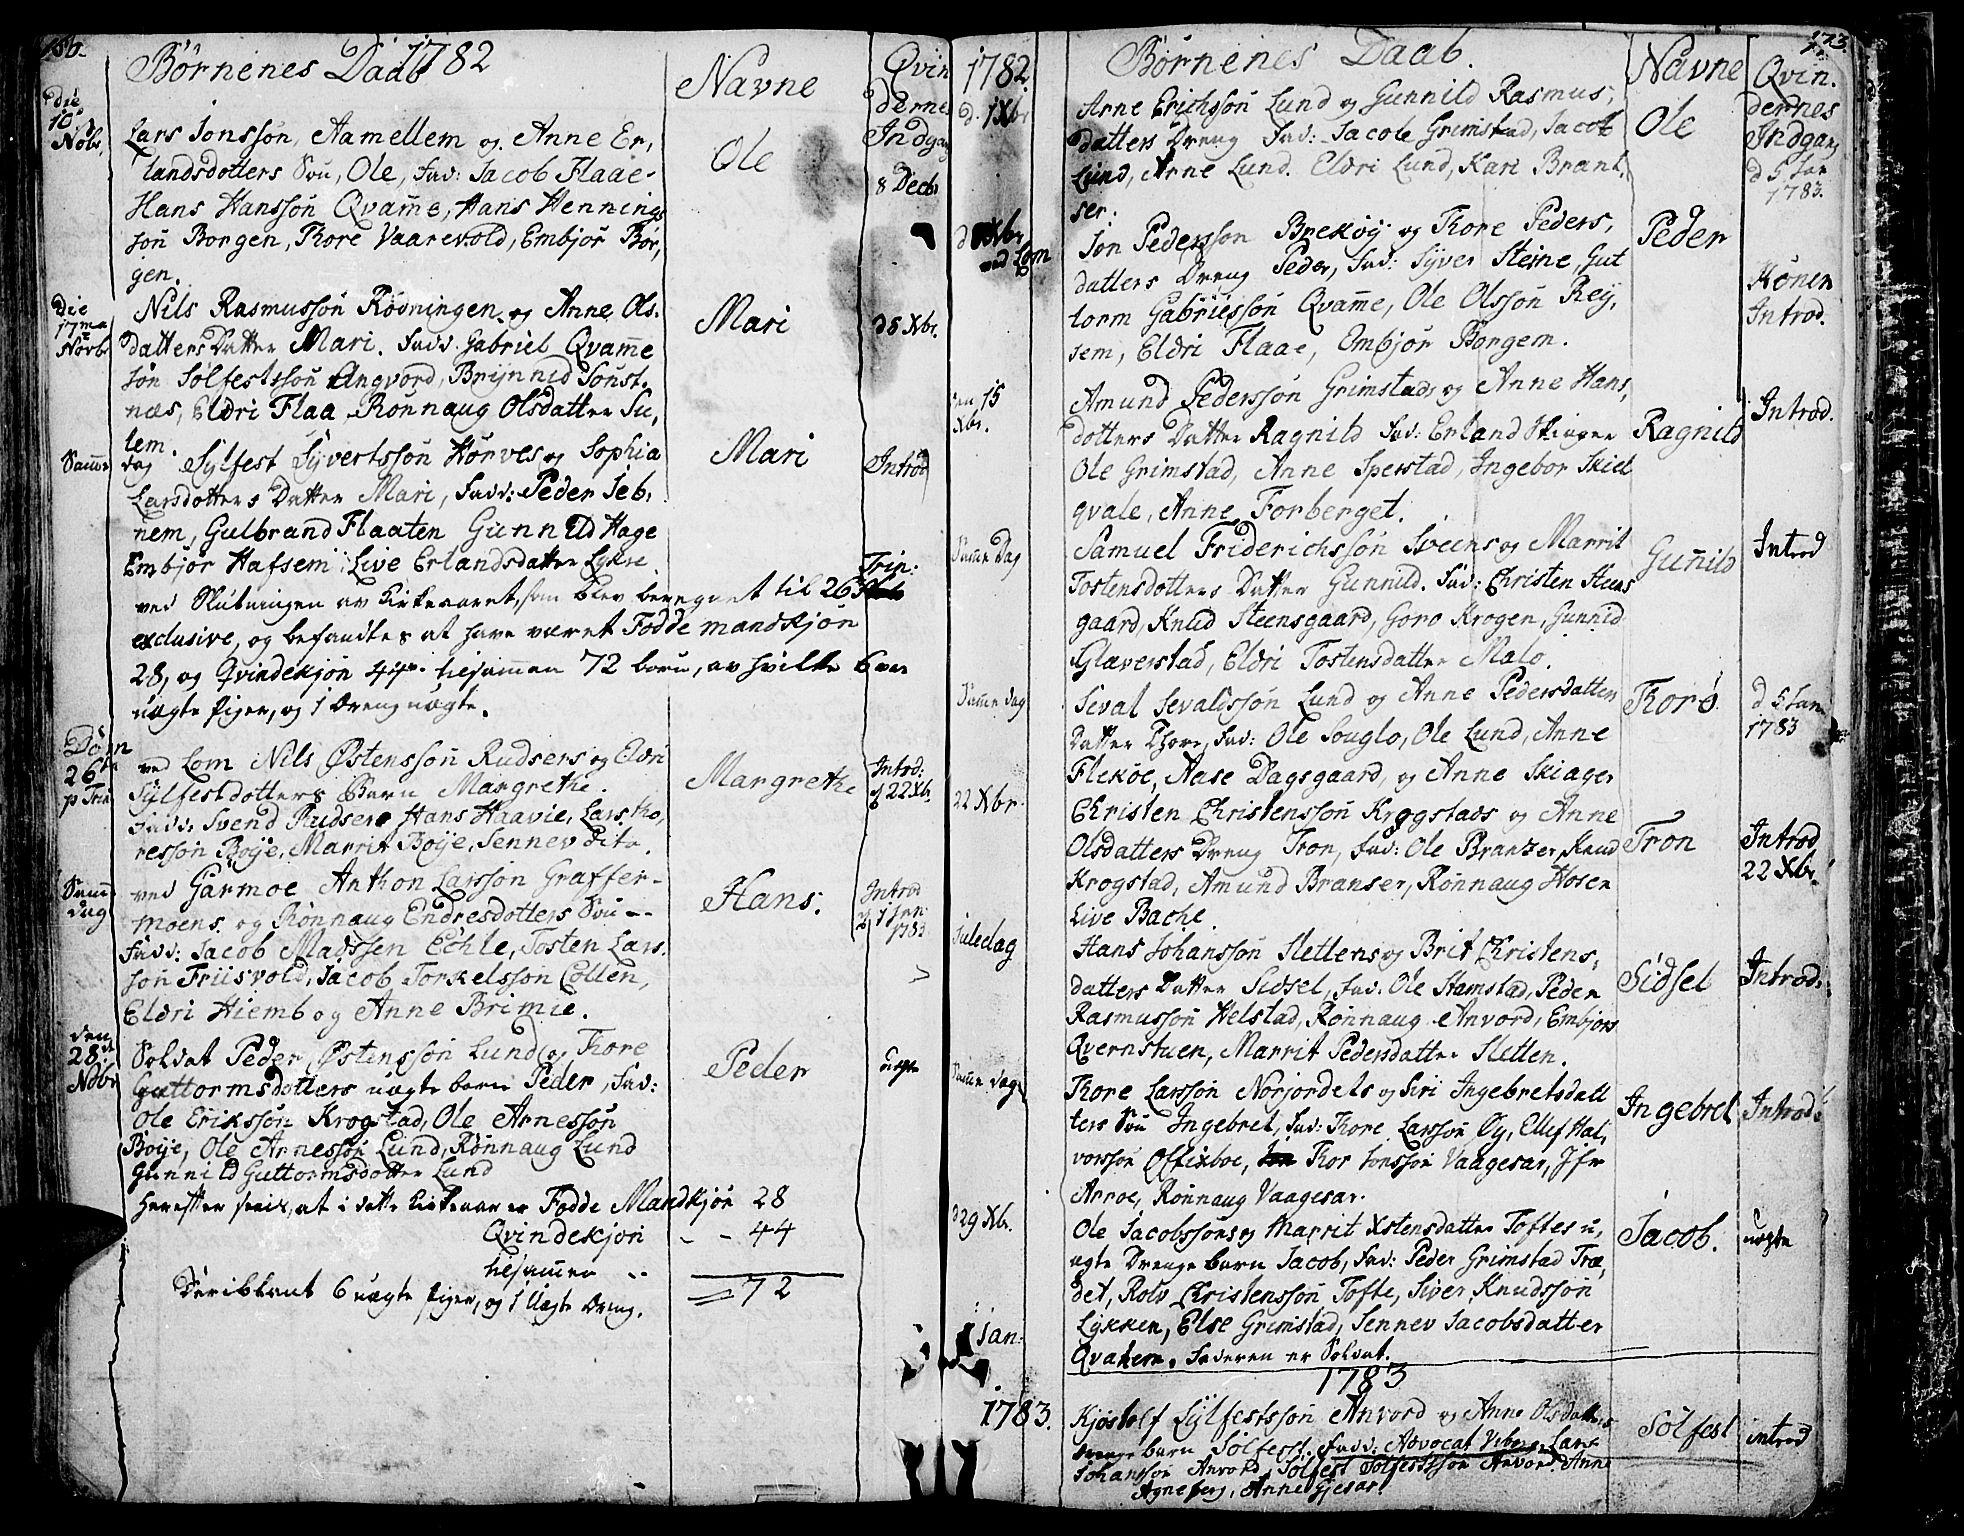 SAH, Lom prestekontor, K/L0002: Ministerialbok nr. 2, 1749-1801, s. 170-171